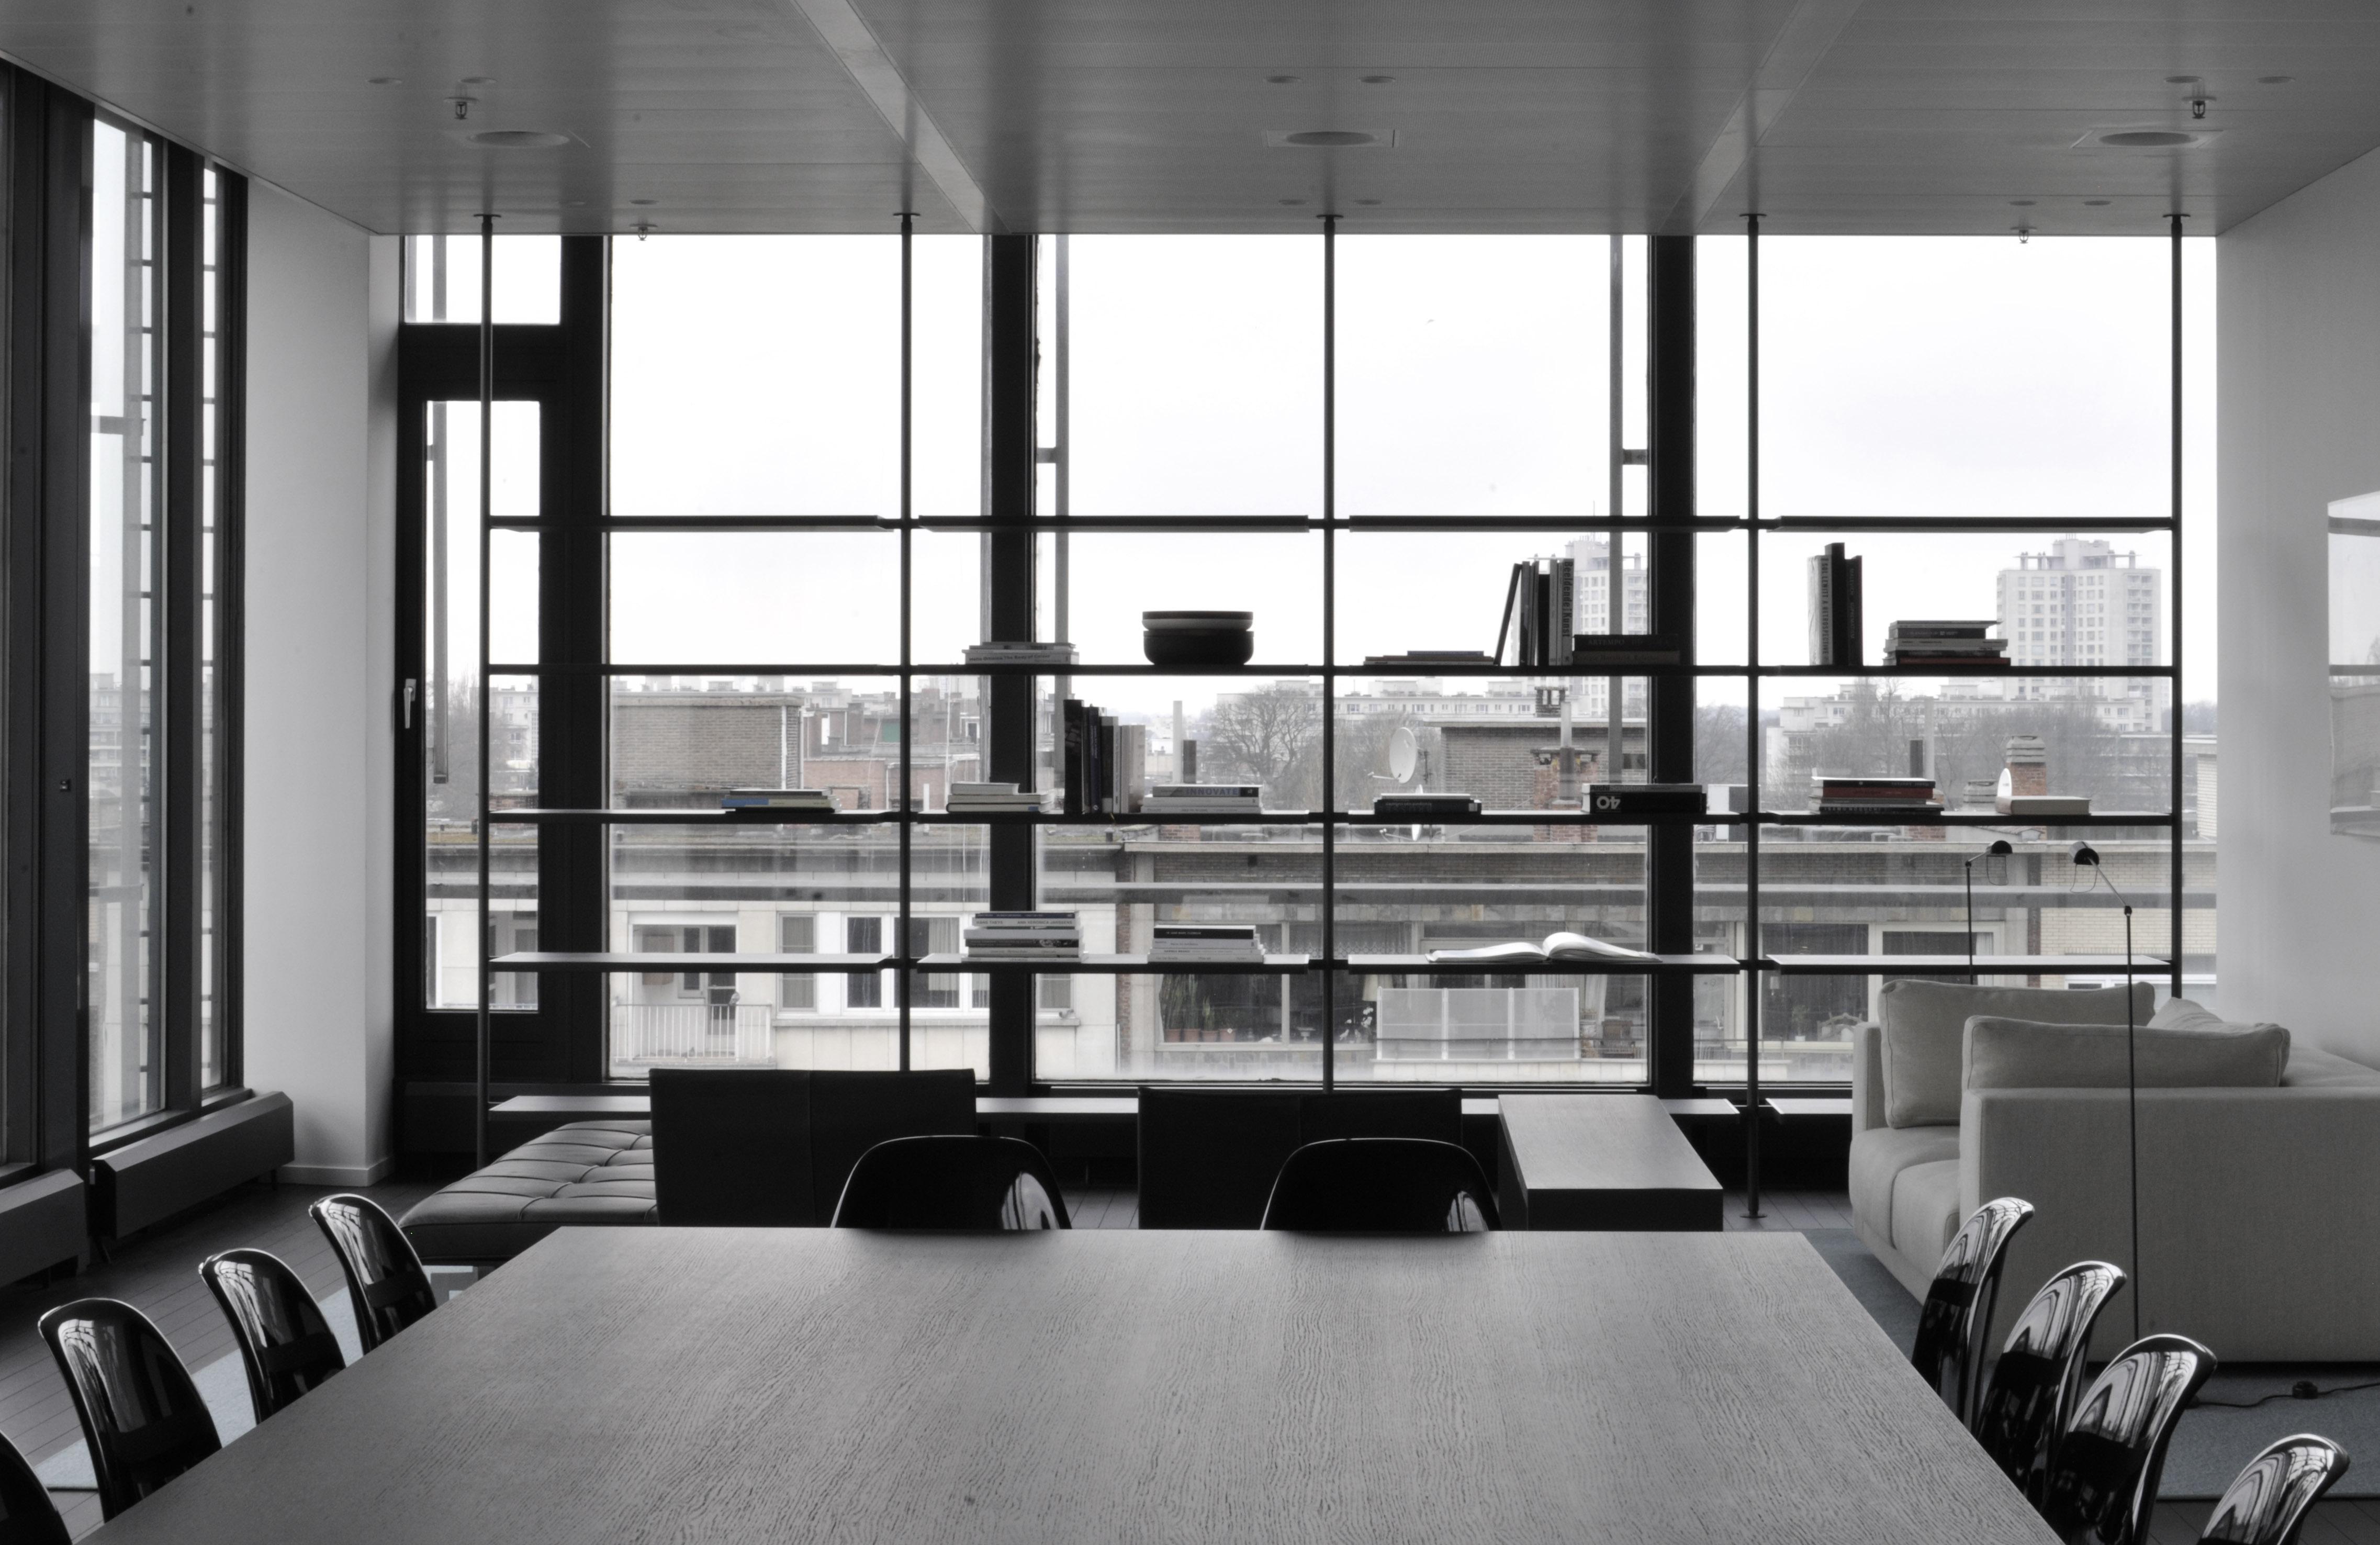 VVDA_W Offices_Koen Van Damme